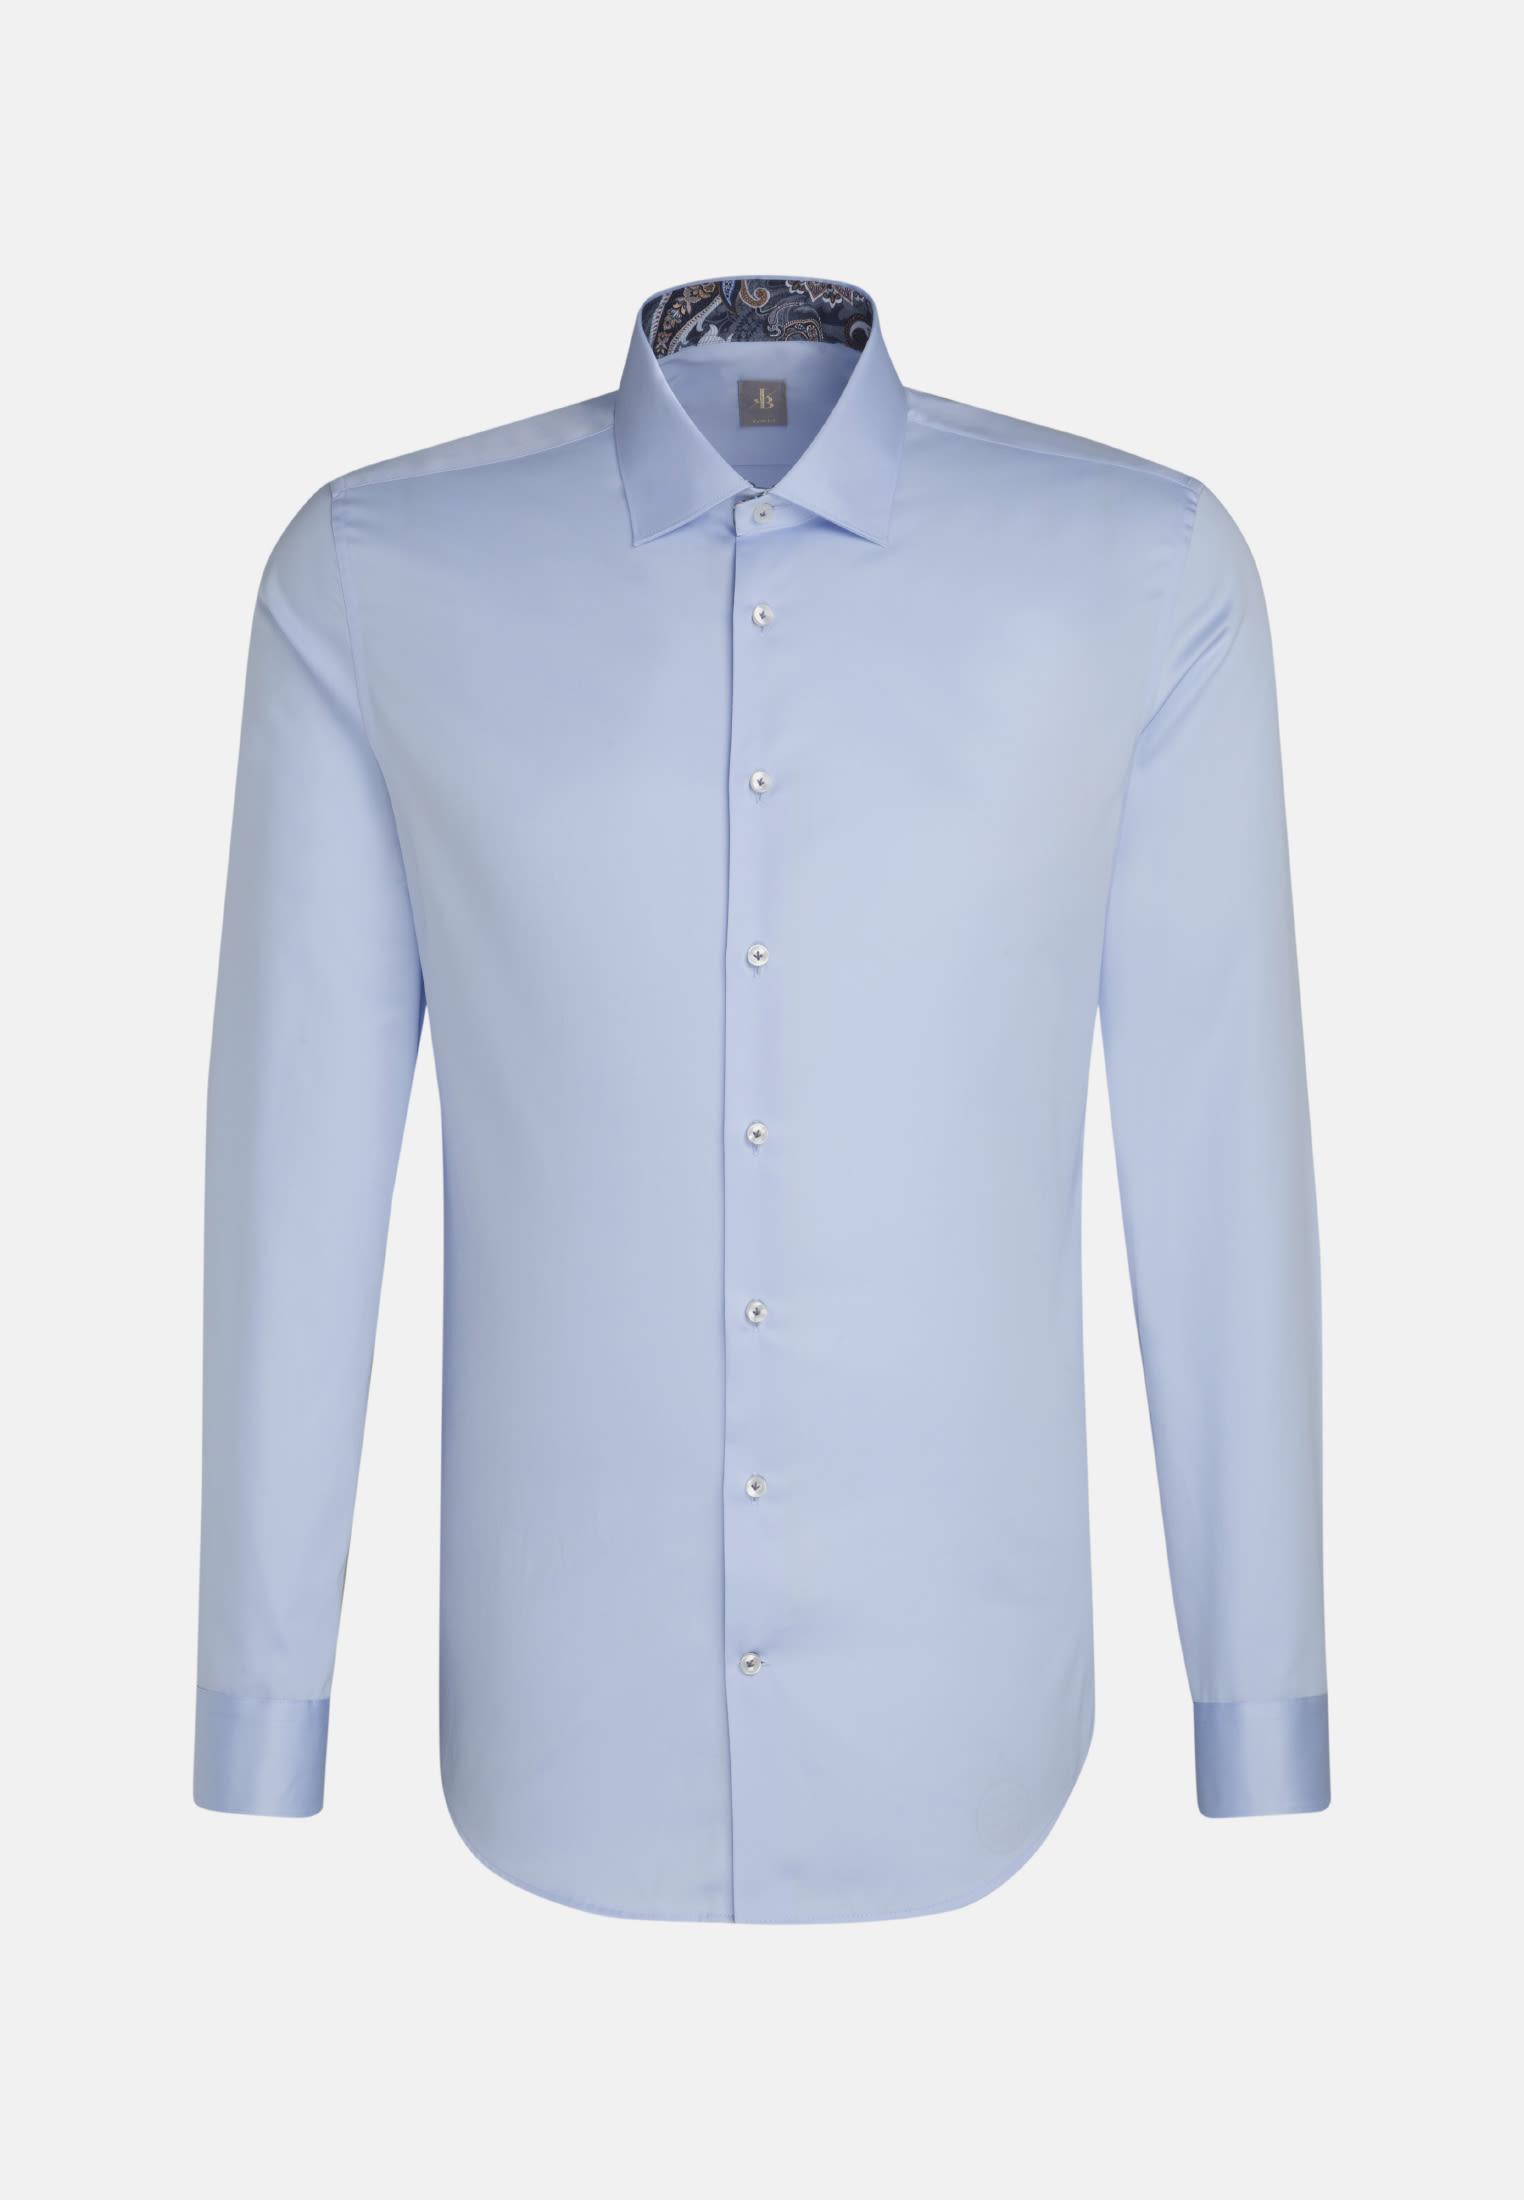 Satin Business Hemd in Slim Fit mit Kentkragen in Hellblau    Jacques Britt Onlineshop